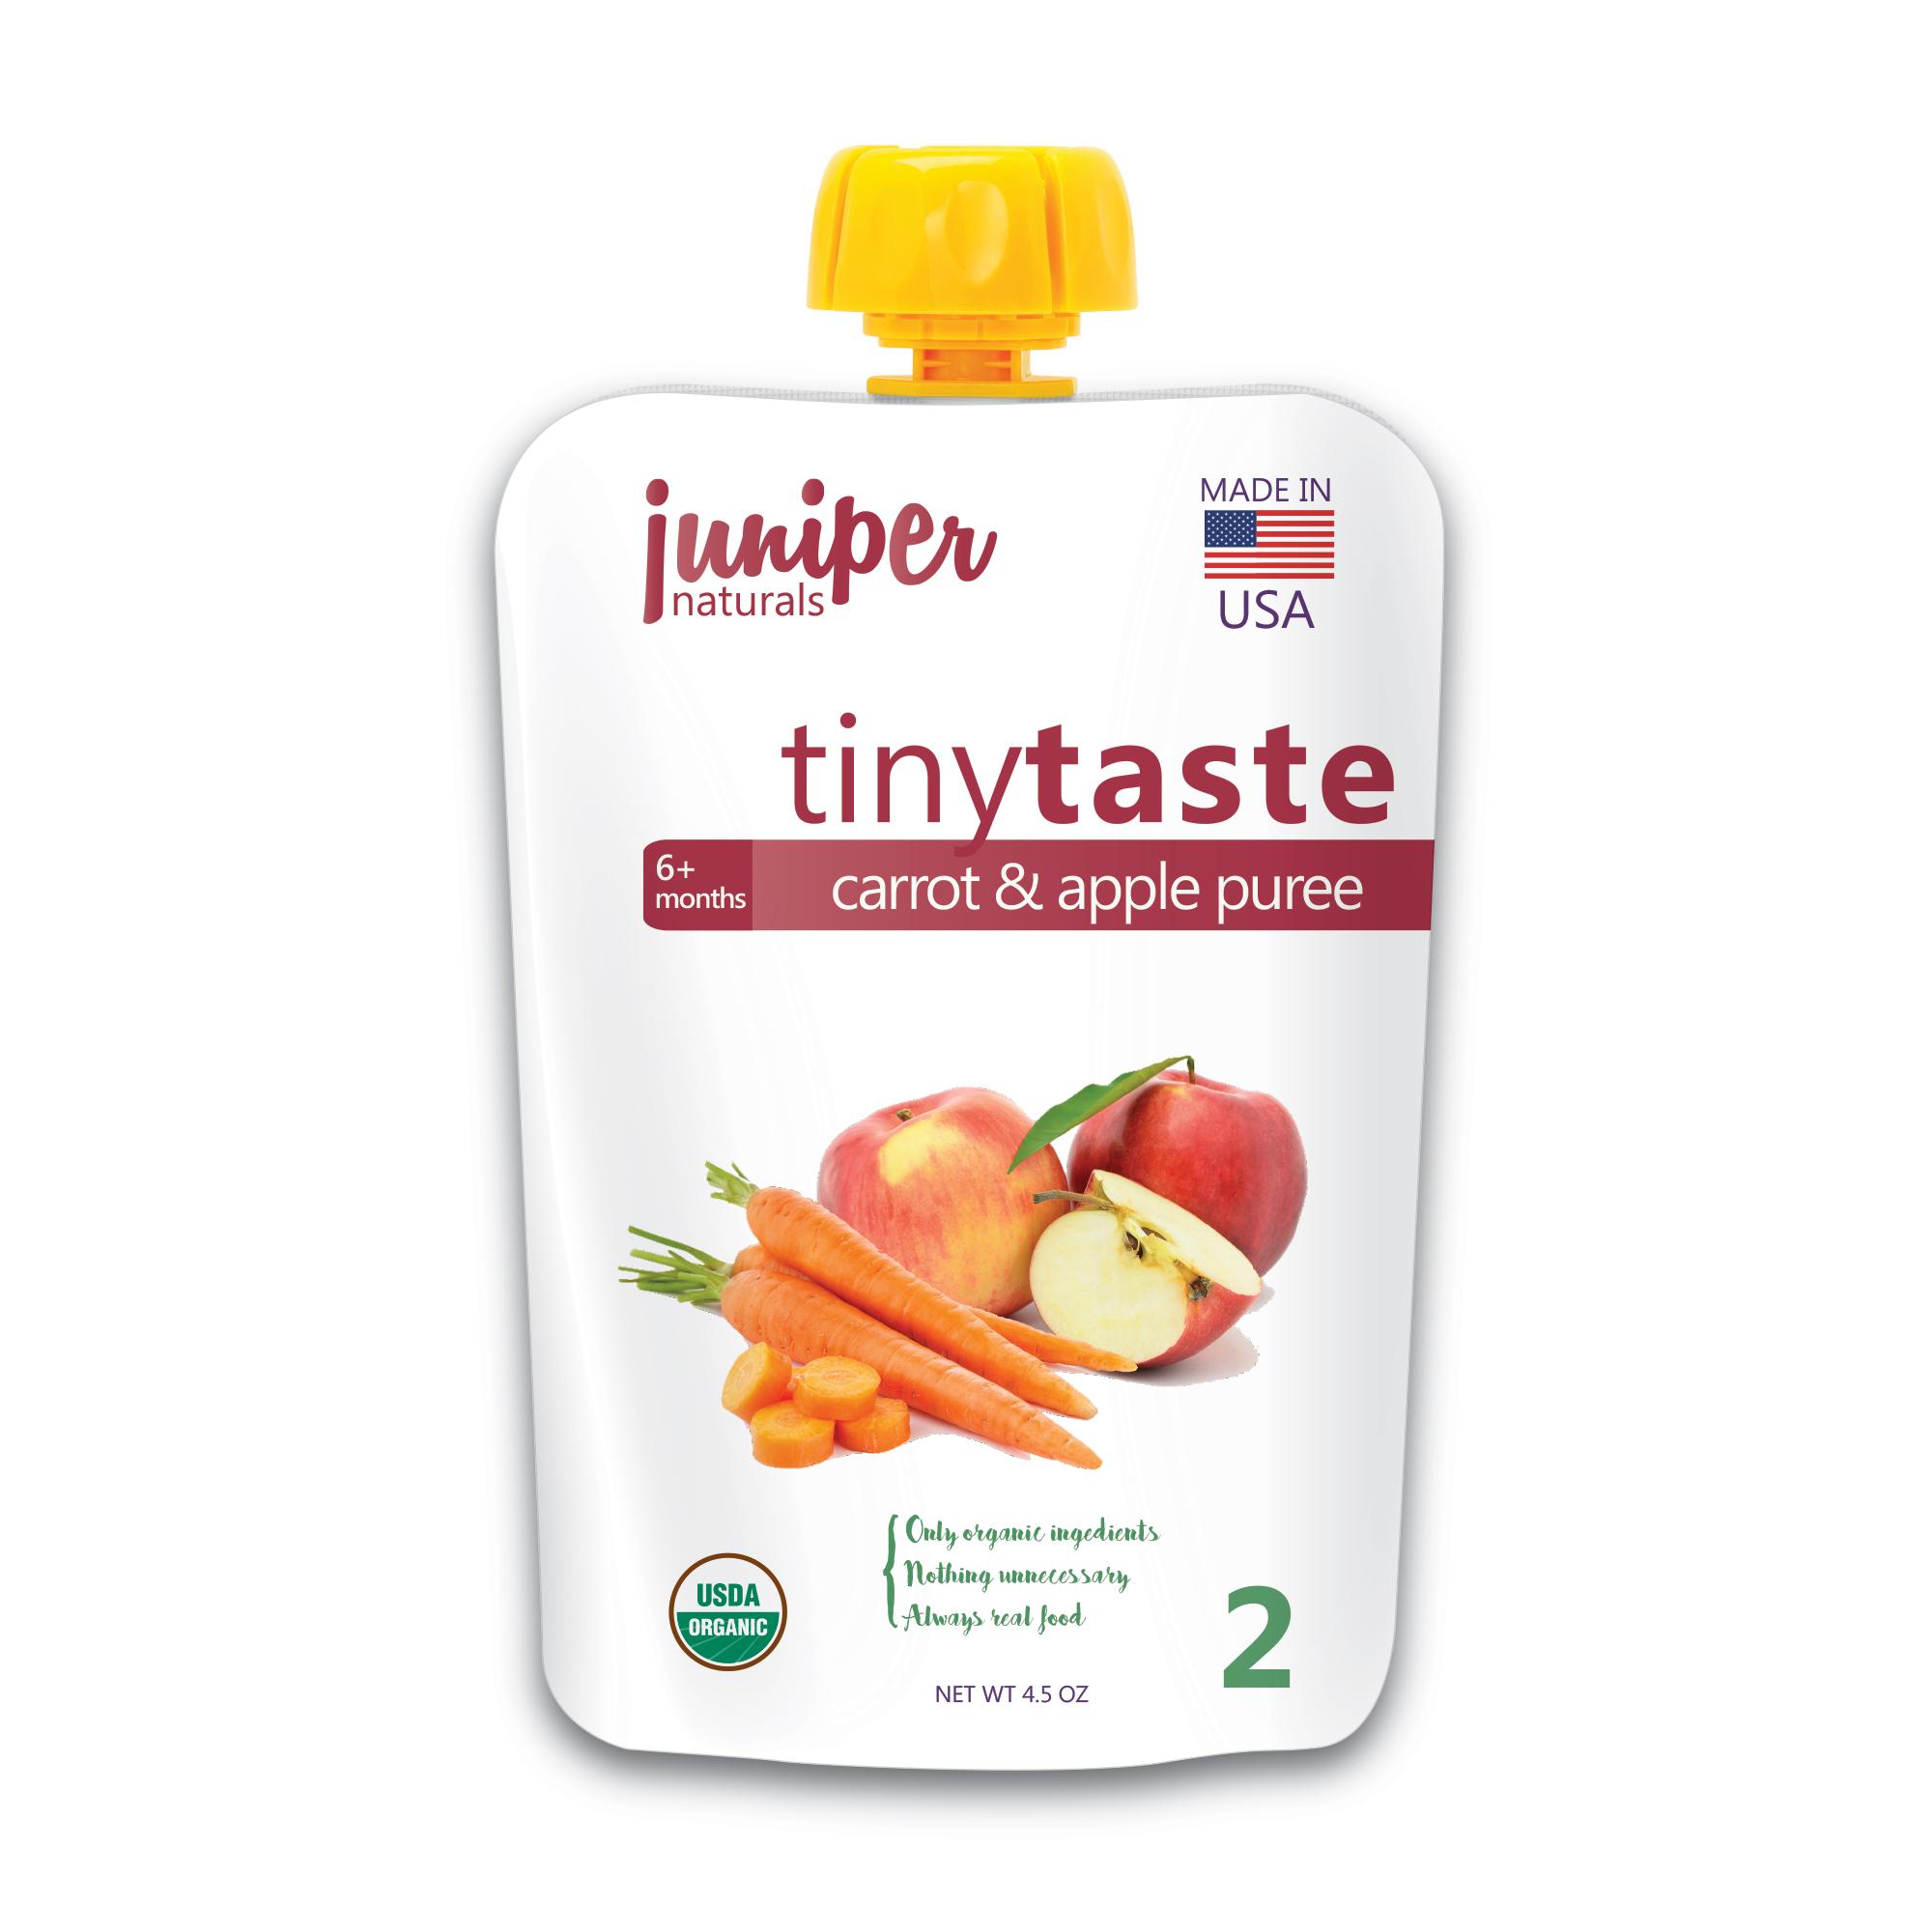 Juniper Naturals carrot apple puree